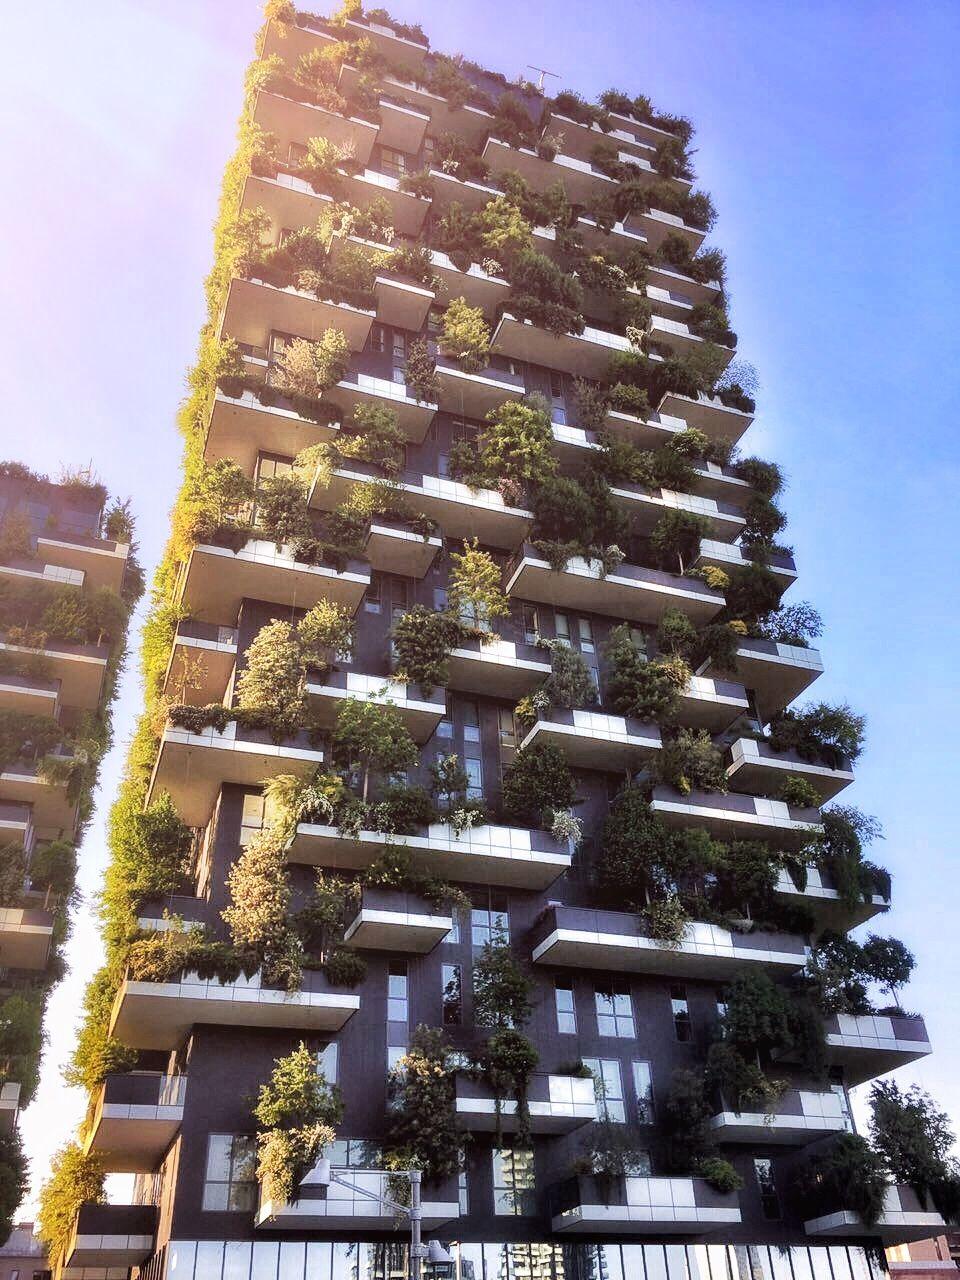 Bosco Verticale in Milano, Italia. Amazing skyscraper